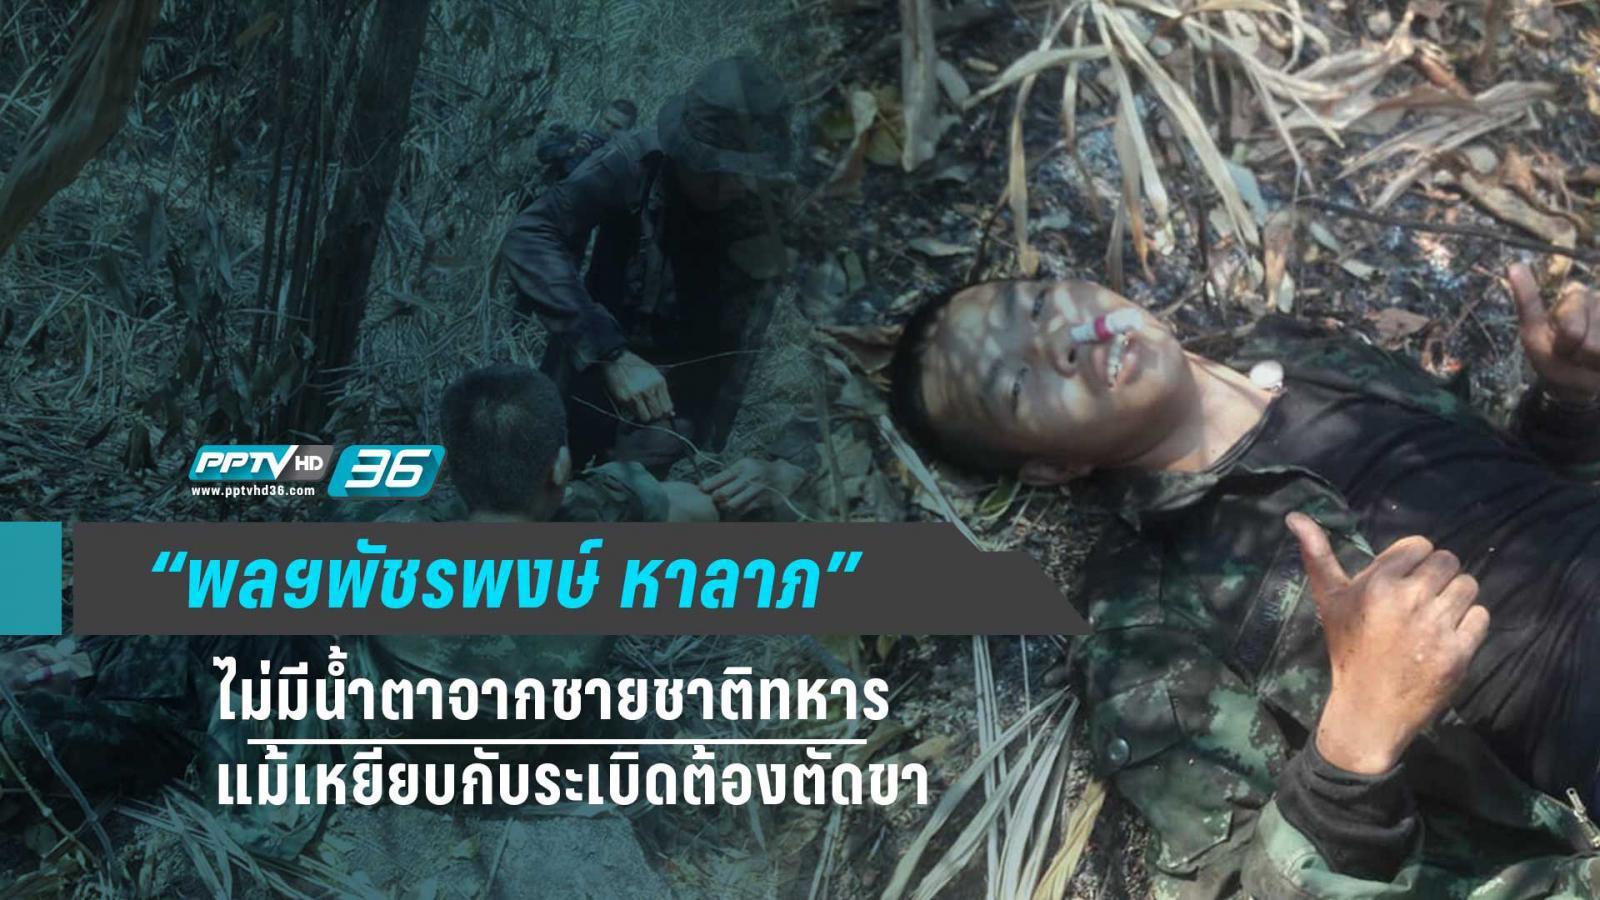 พลฯพัชรพงษ์ หาลาภ : ไม่มีน้ำตาจากชายชาติทหาร แม้เหยียบกับระเบิดต้องตัดขา